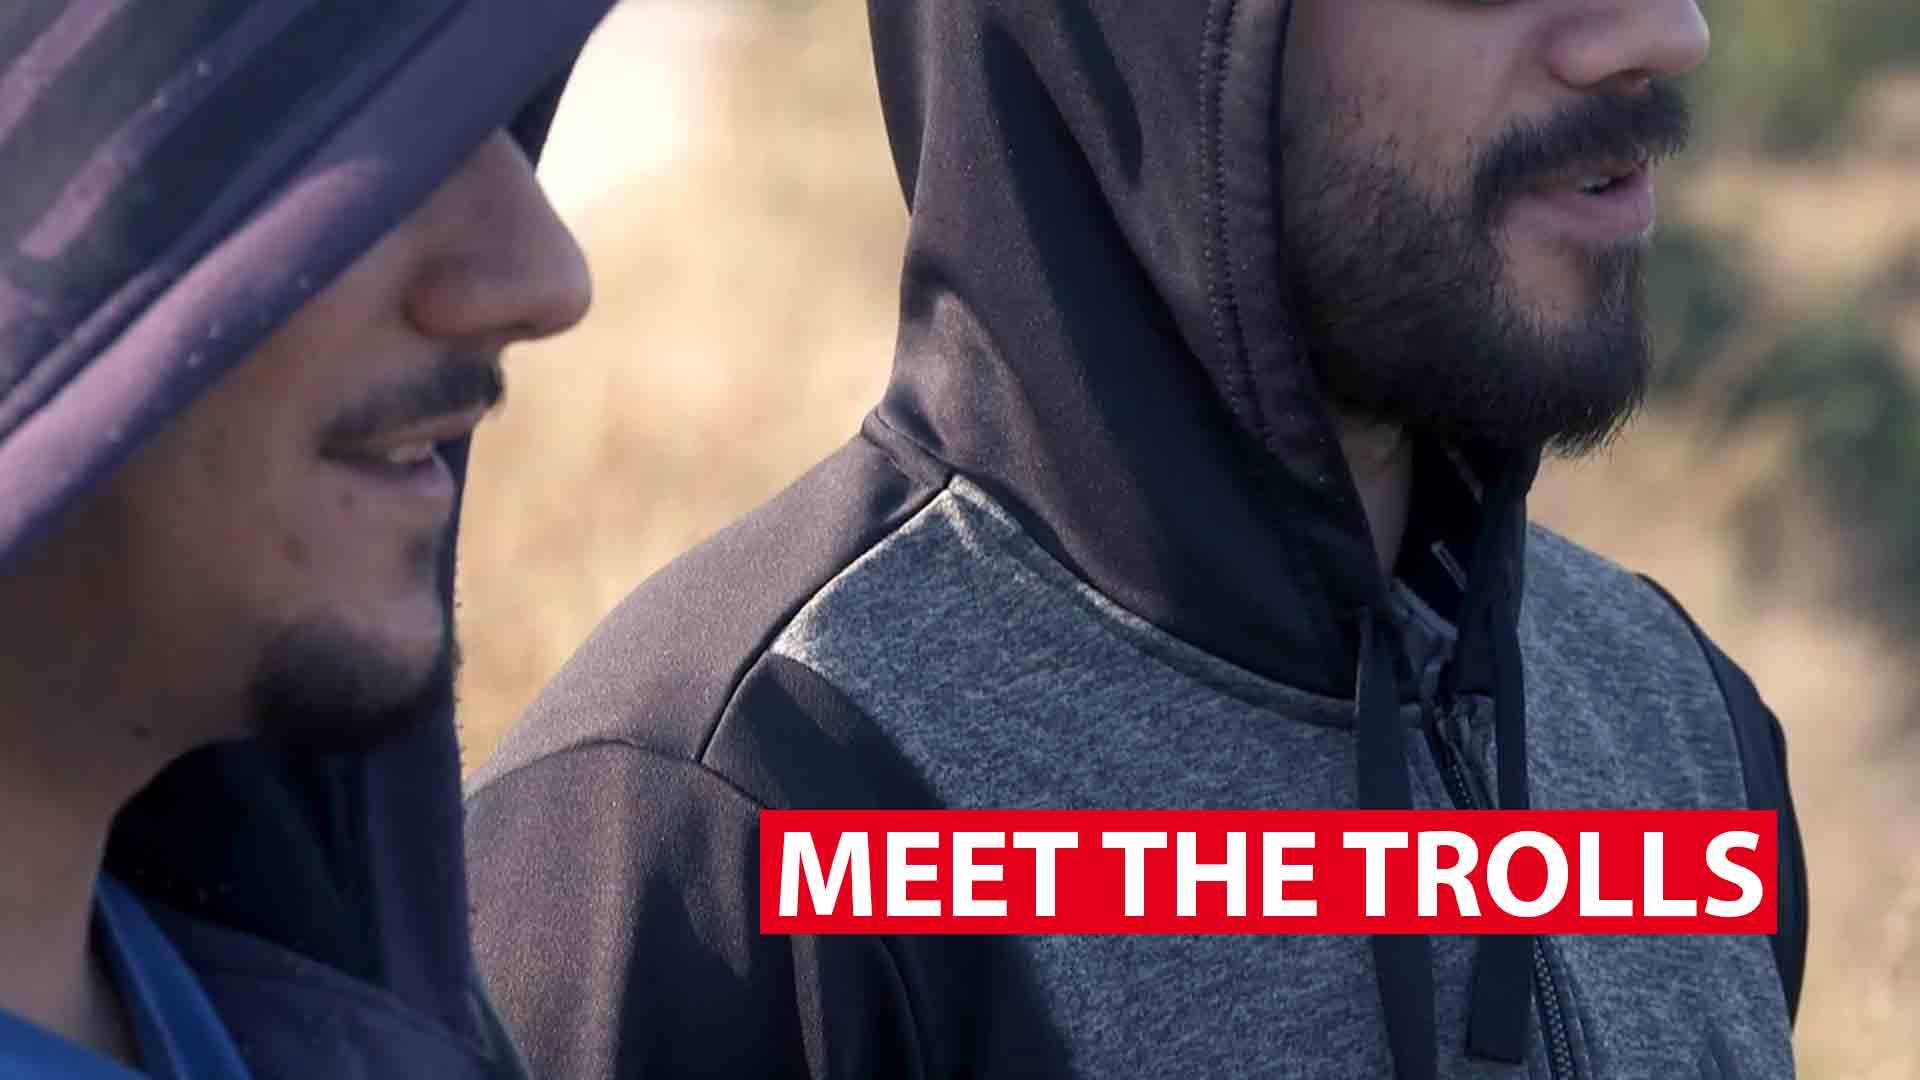 Meet the trolls